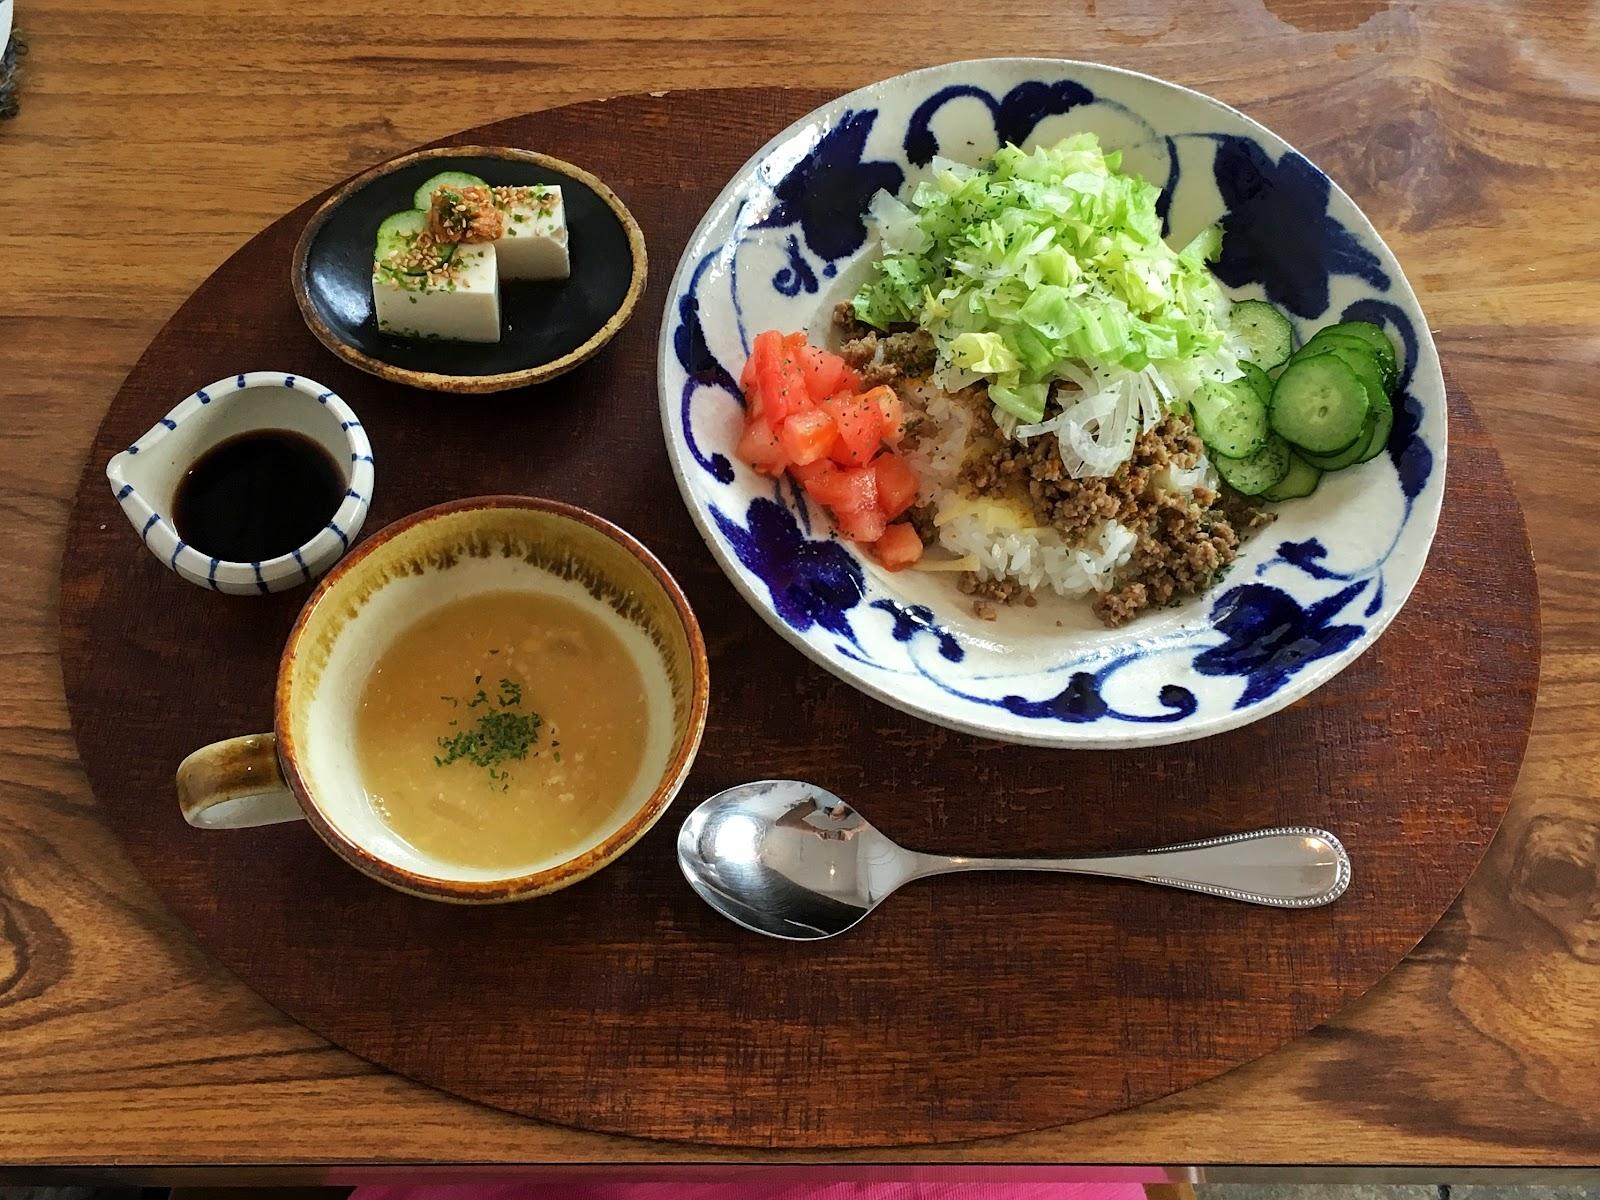 わわcafE, わわ cafE, wawa cafe, wawacafe, okinawa, japan, taco rice, wawa rice,